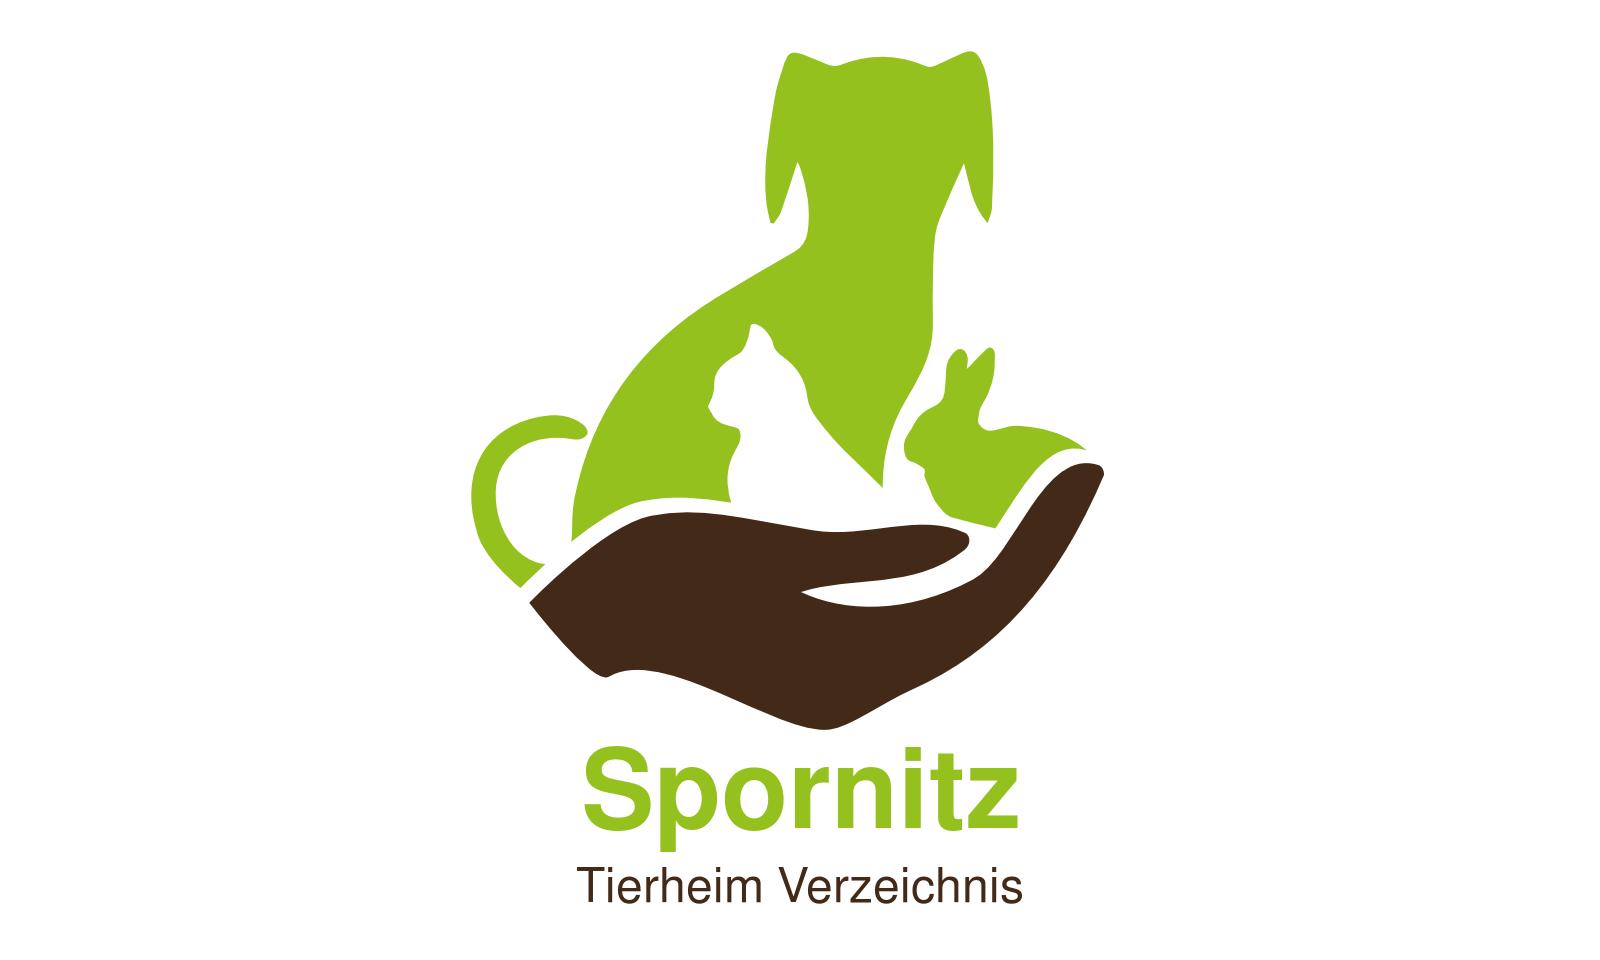 Tierheim Spornitz